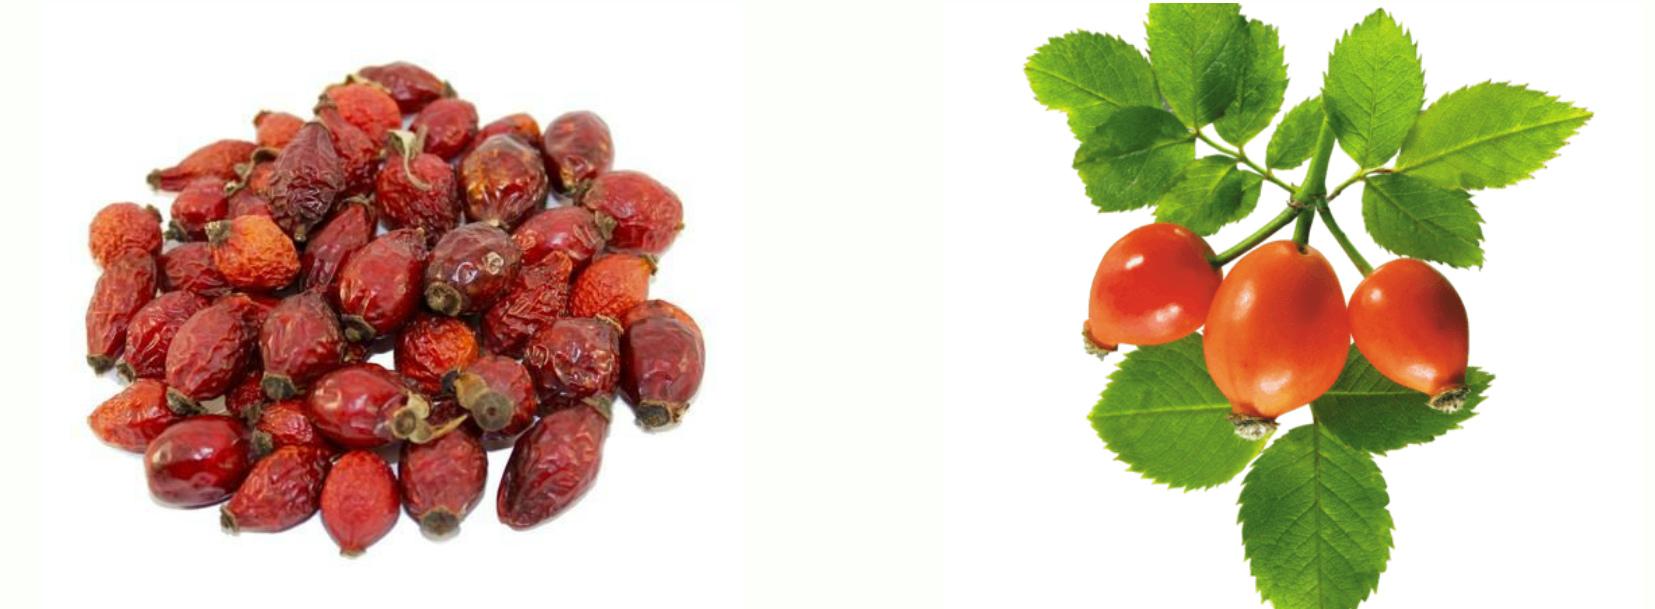 Сушеный шиповник и свежие ягоды